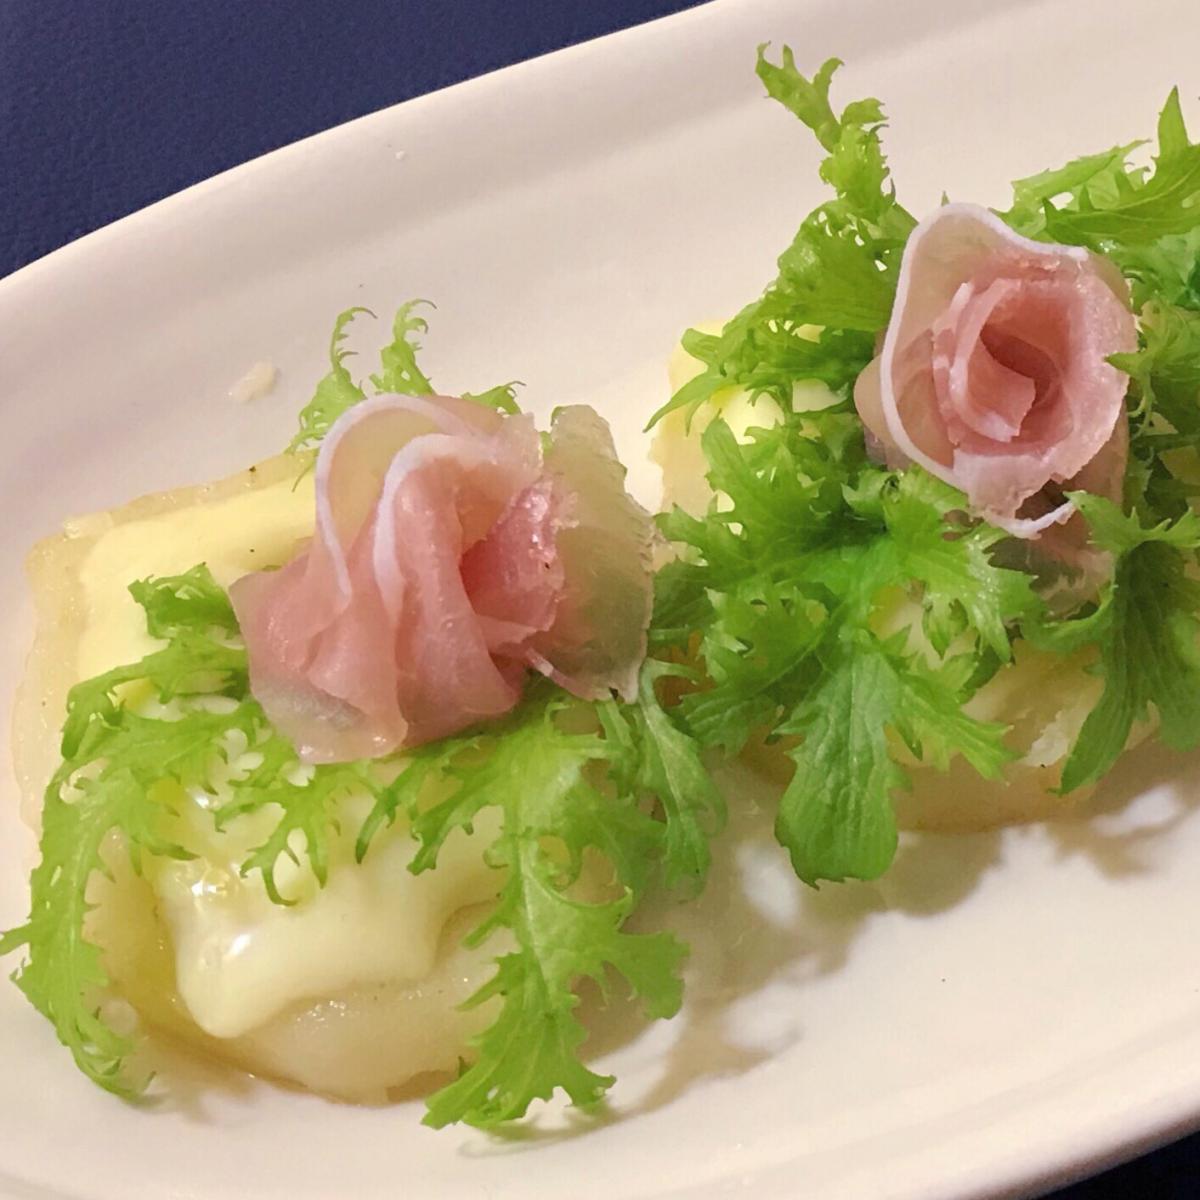 ポテトチーズ〜柚子胡椒味と肉みそ味〜